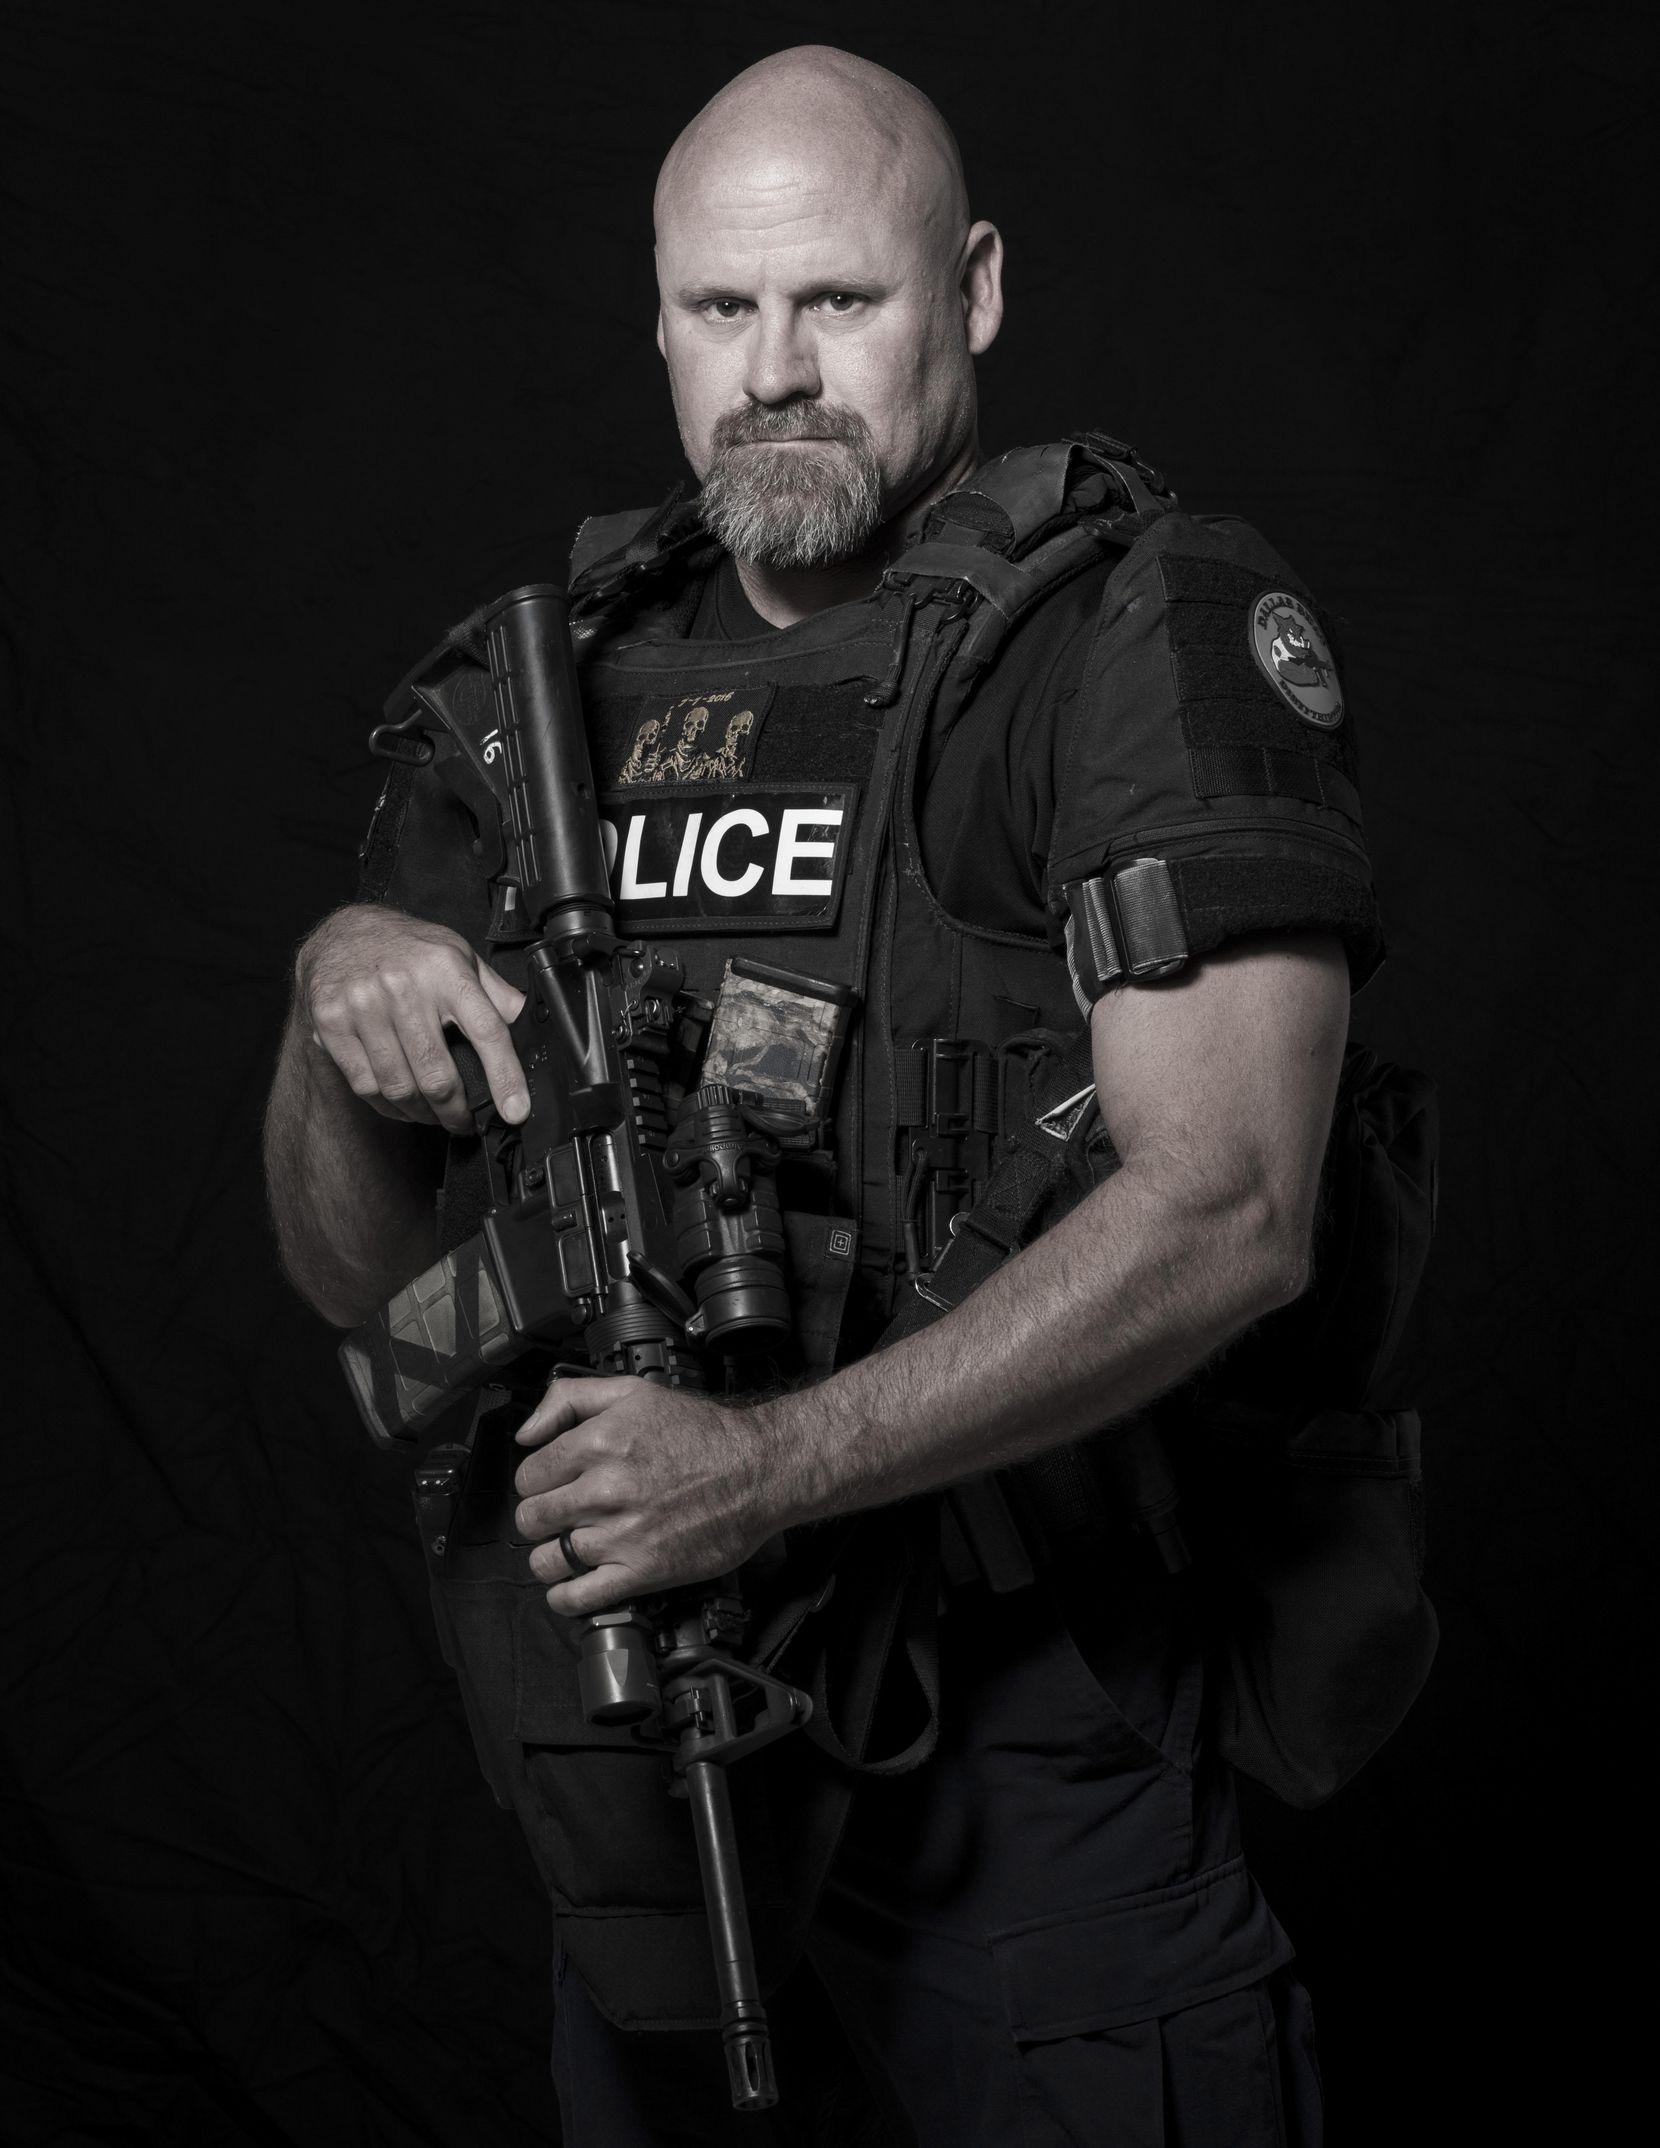 Matt Banes, un experimentado policía antinarcóticos, que participó en el enfrentamiento con el pistolero que emboscó a la policía el 7 de julio de 2016. SMILEY N. POOL/DMN